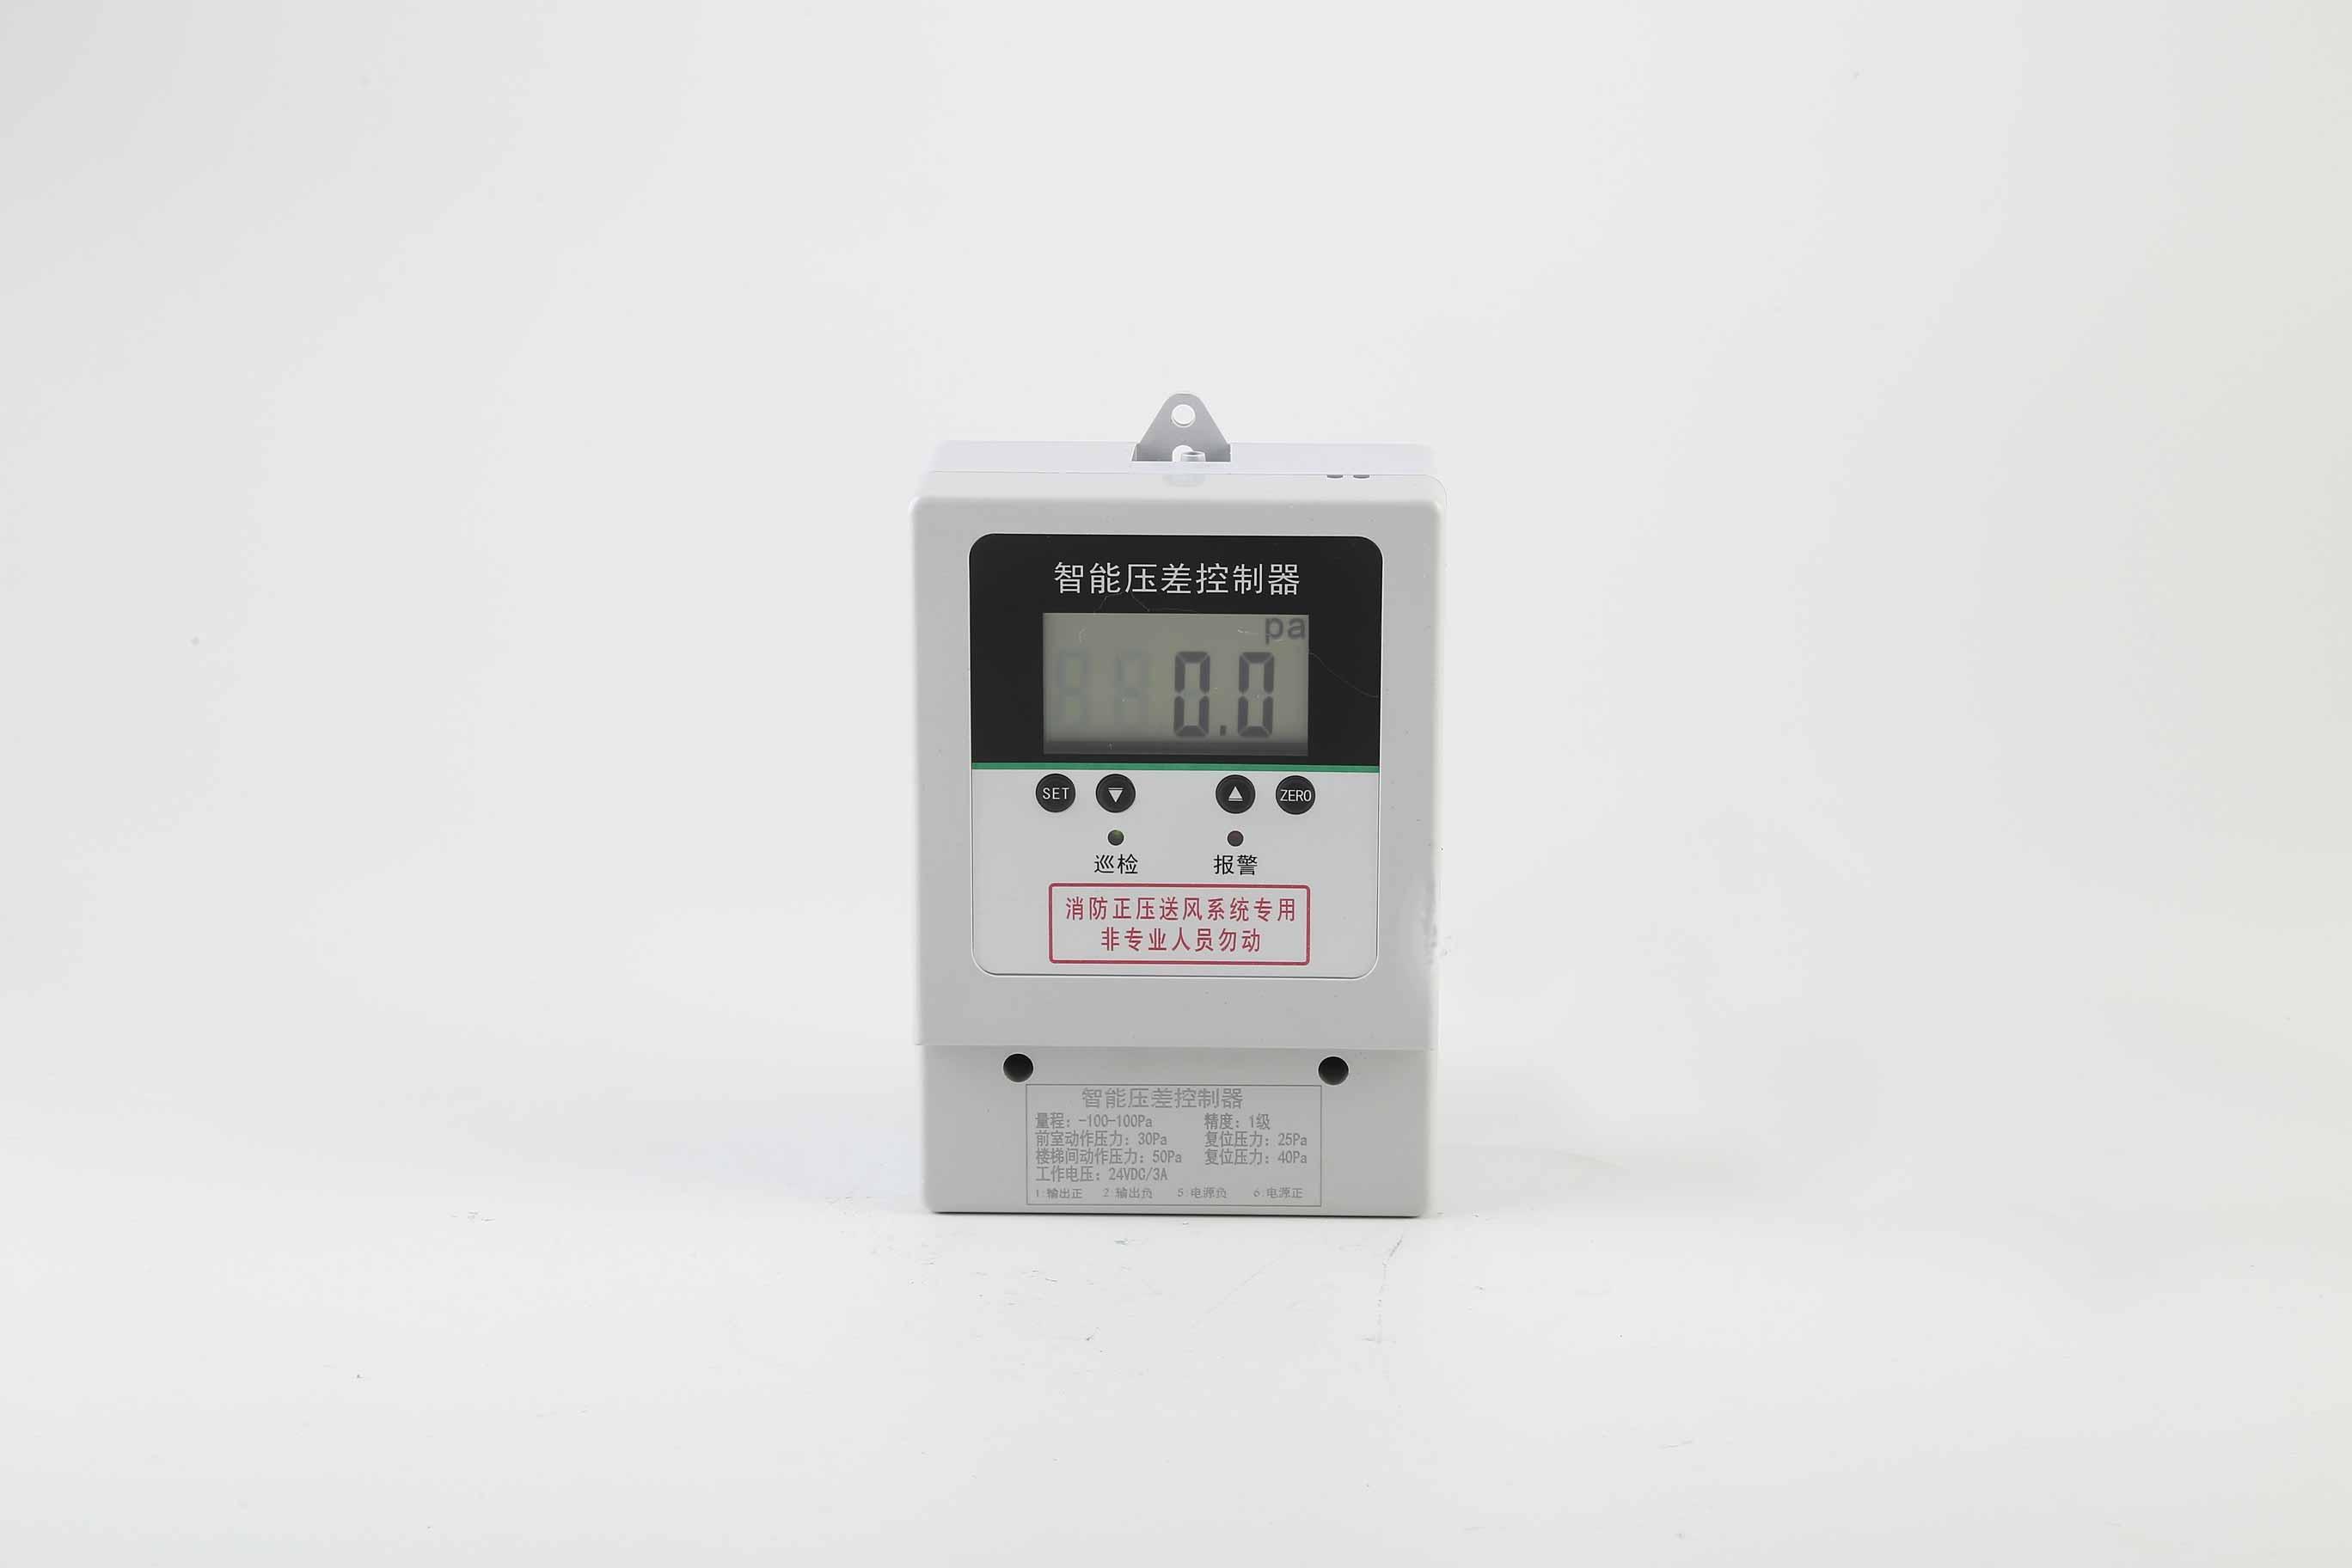 H10压差控制器